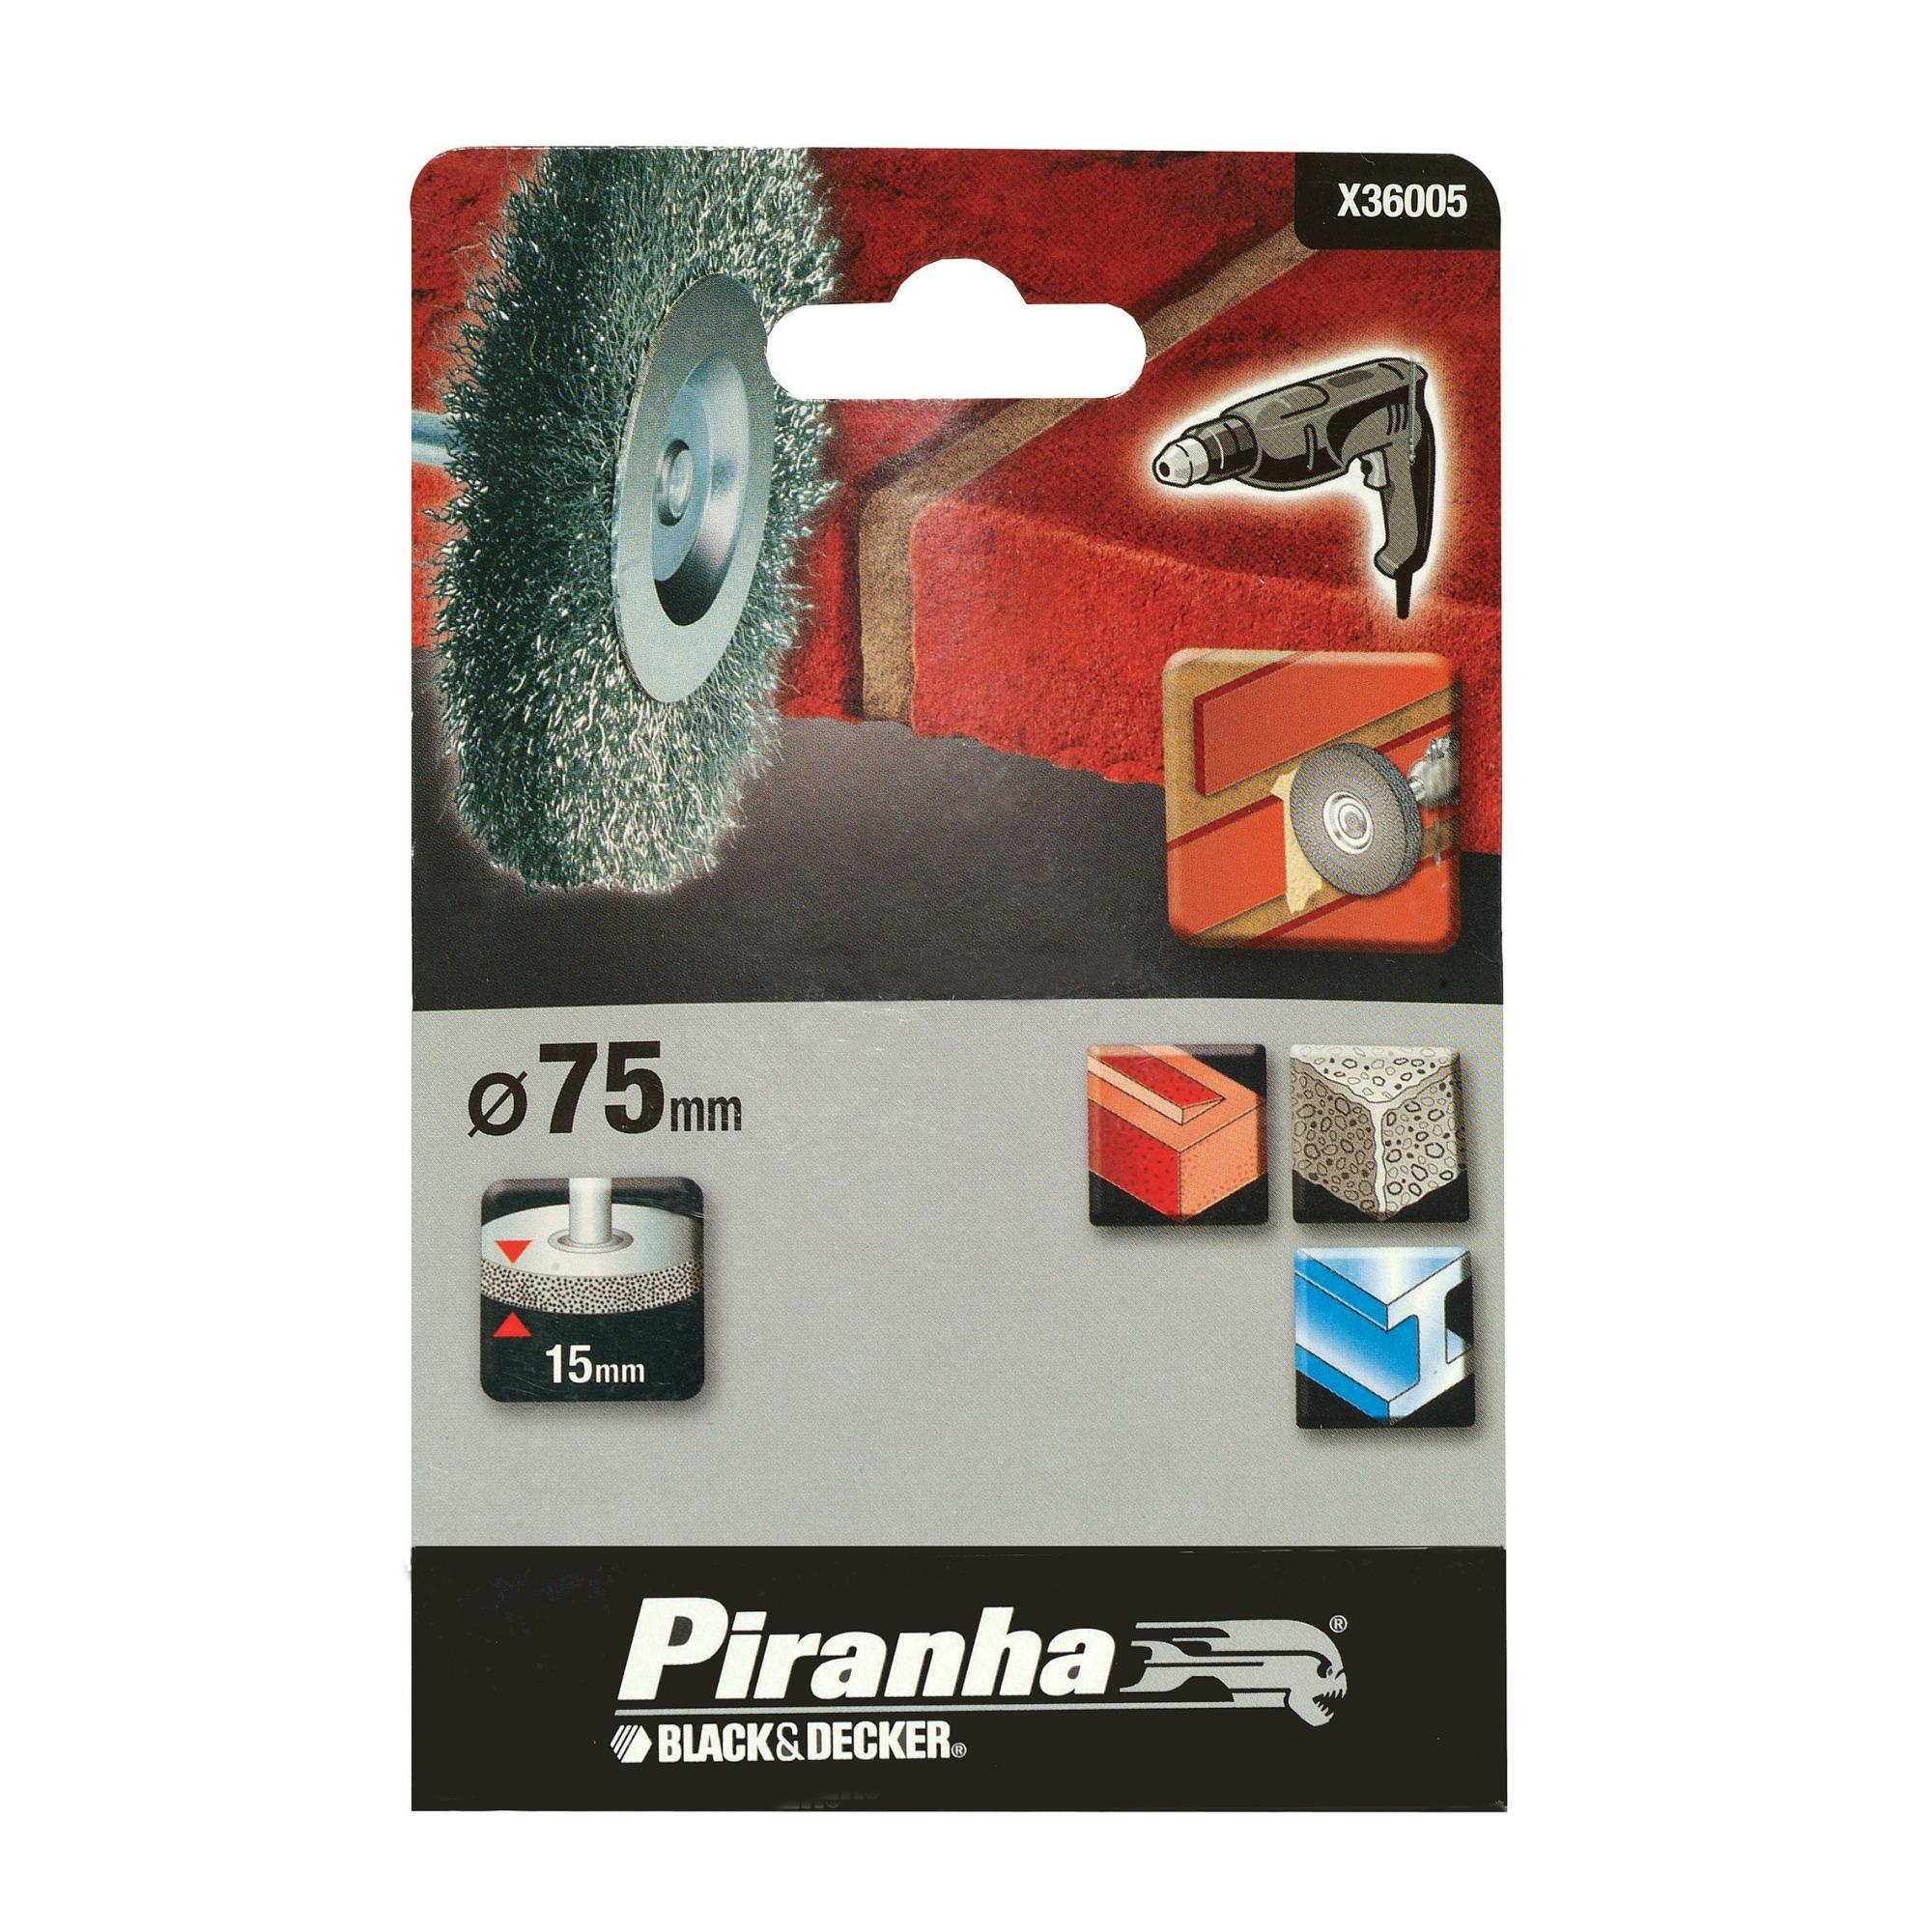 Piranha staaldraadborstel X36005-XJ 75 mm voor beton, metaal en steen